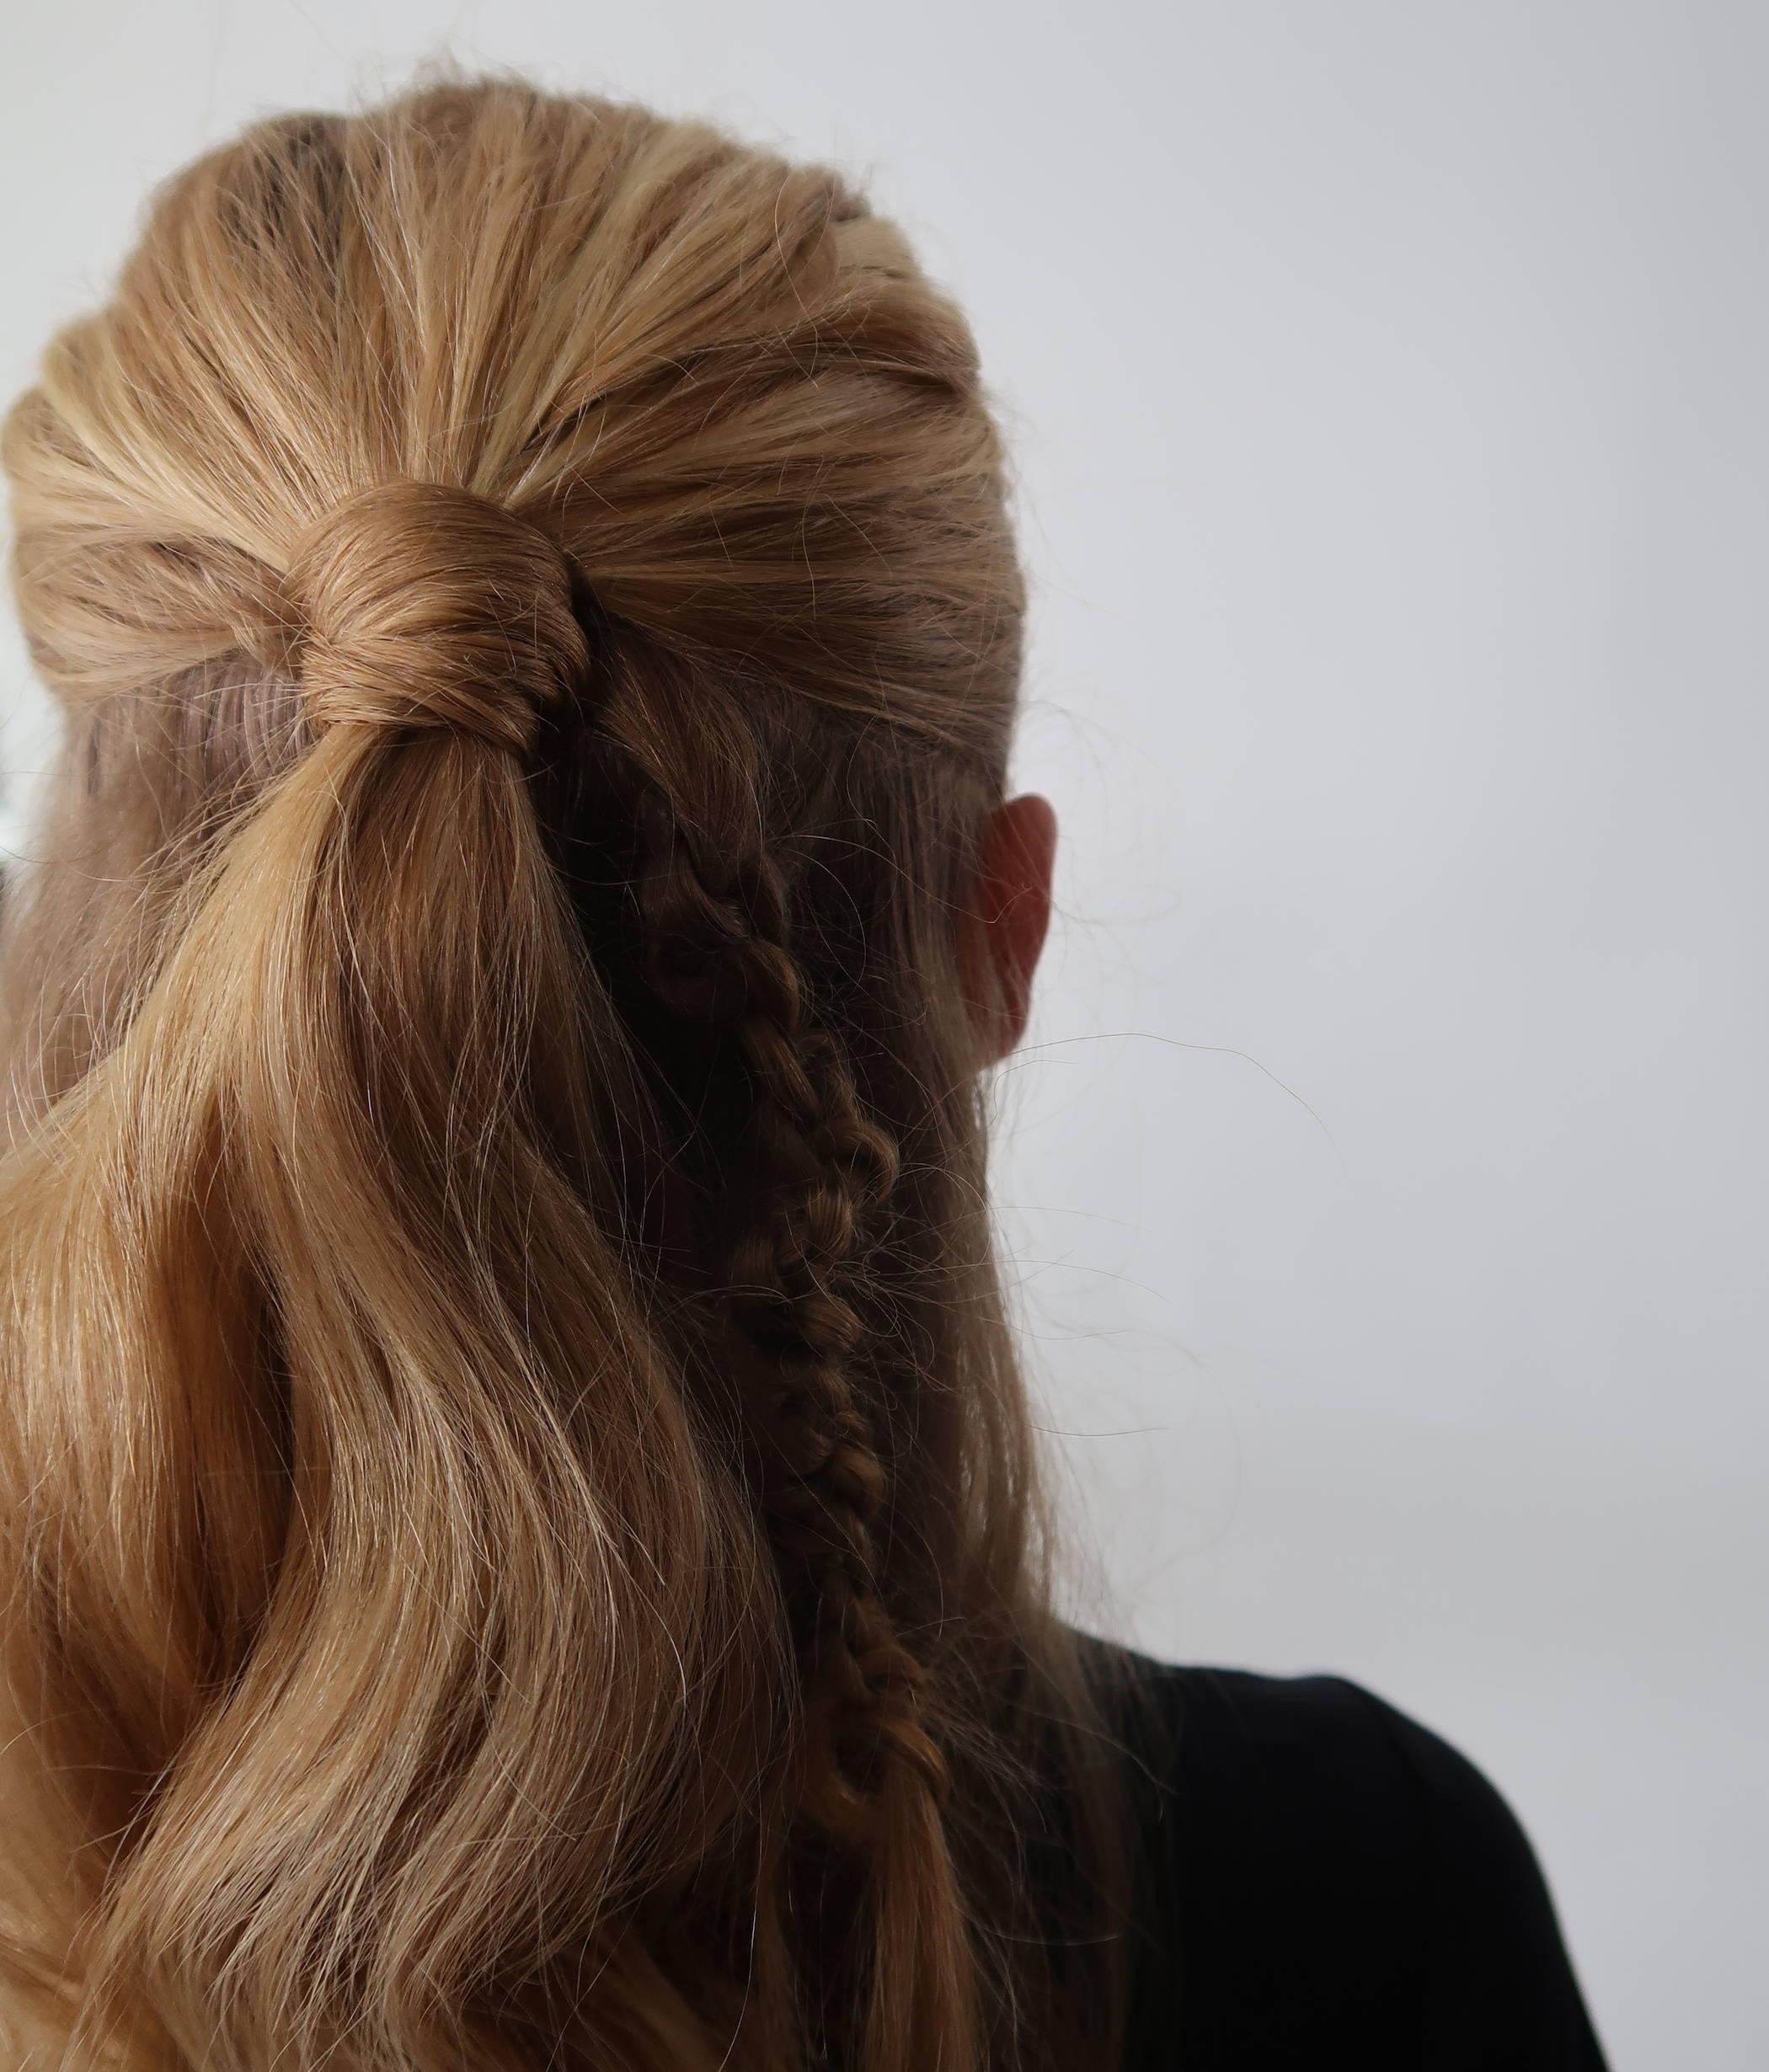 Davines half up half down hairstyle tutorial